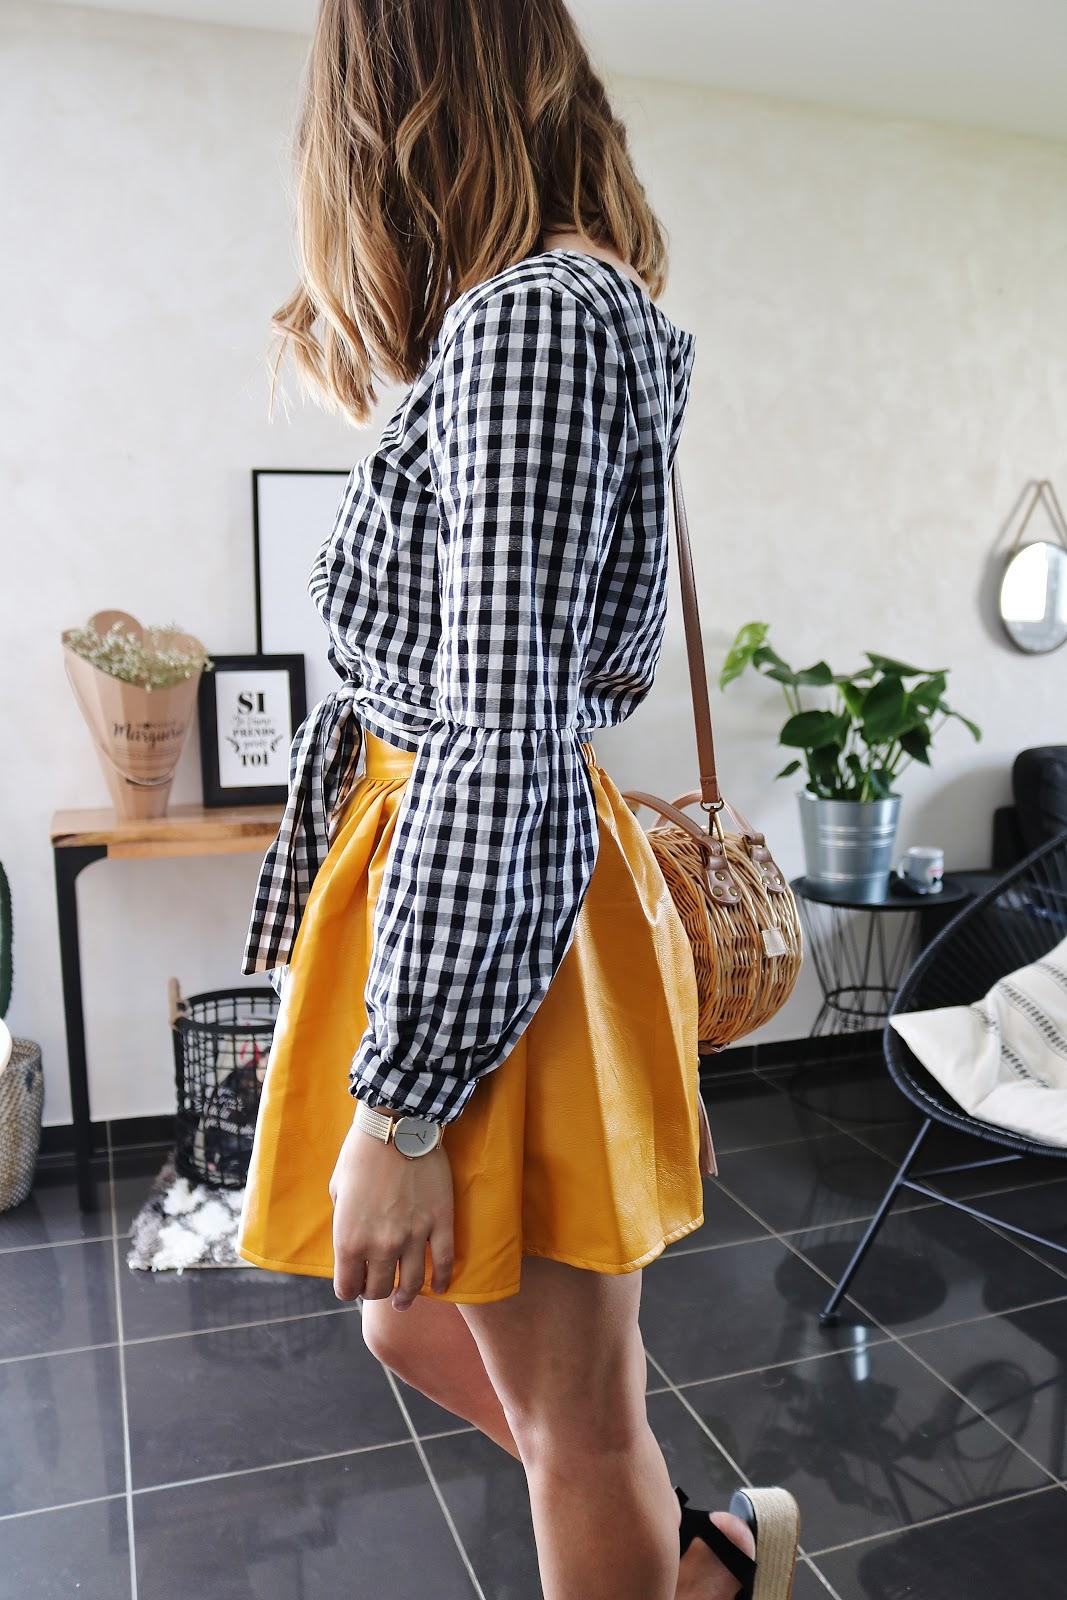 pauline-dress-blog-mode-deco-lifestyle-besancon-jinza-selection-coup-de-coeur-eshop-boutique-en-ligne